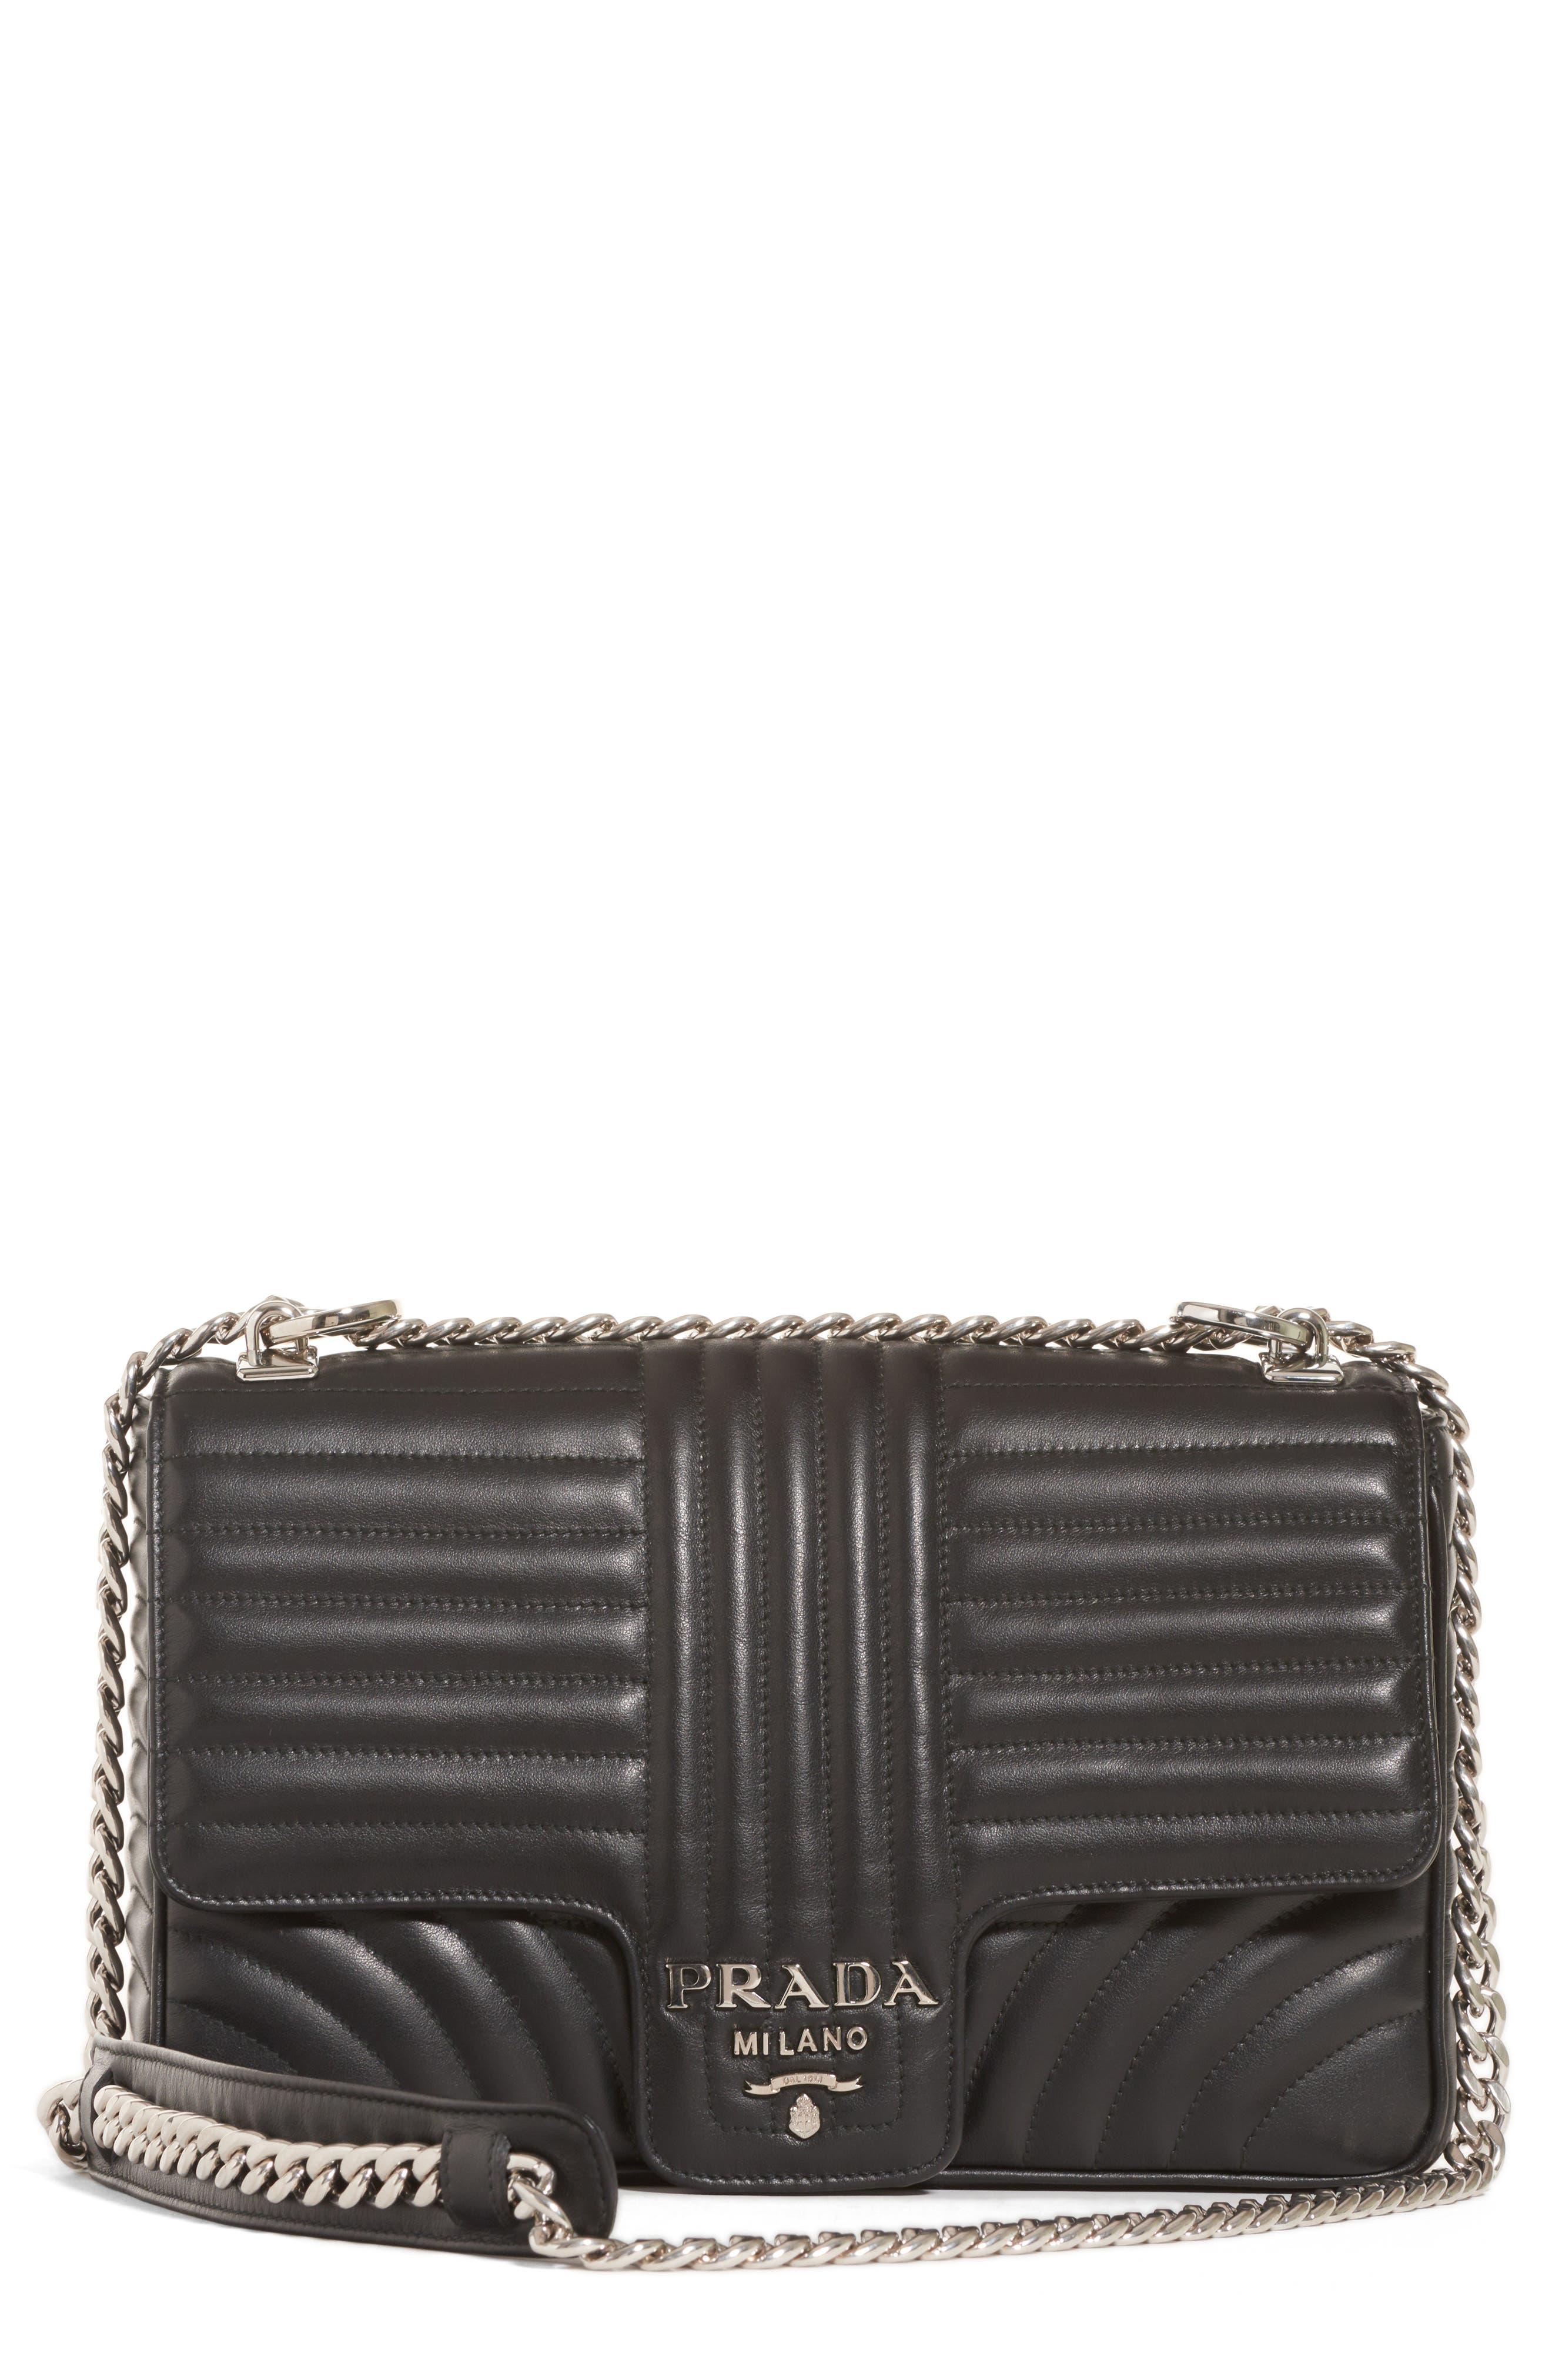 Prada Large Quilted Leather Shoulder Bag